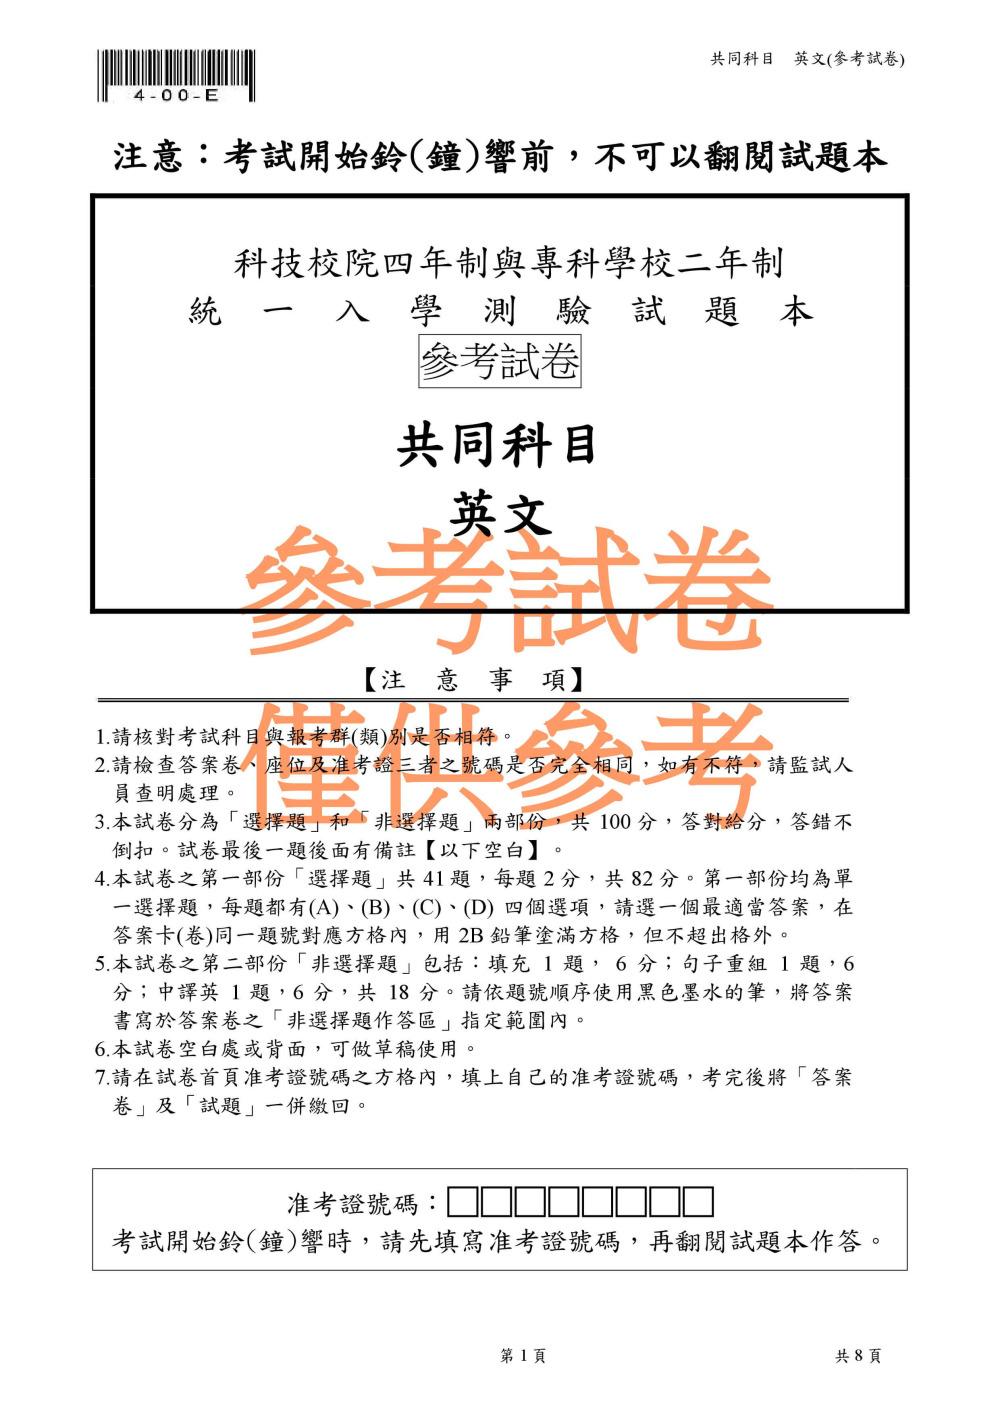 統測共同科目英文科參考試卷 0001